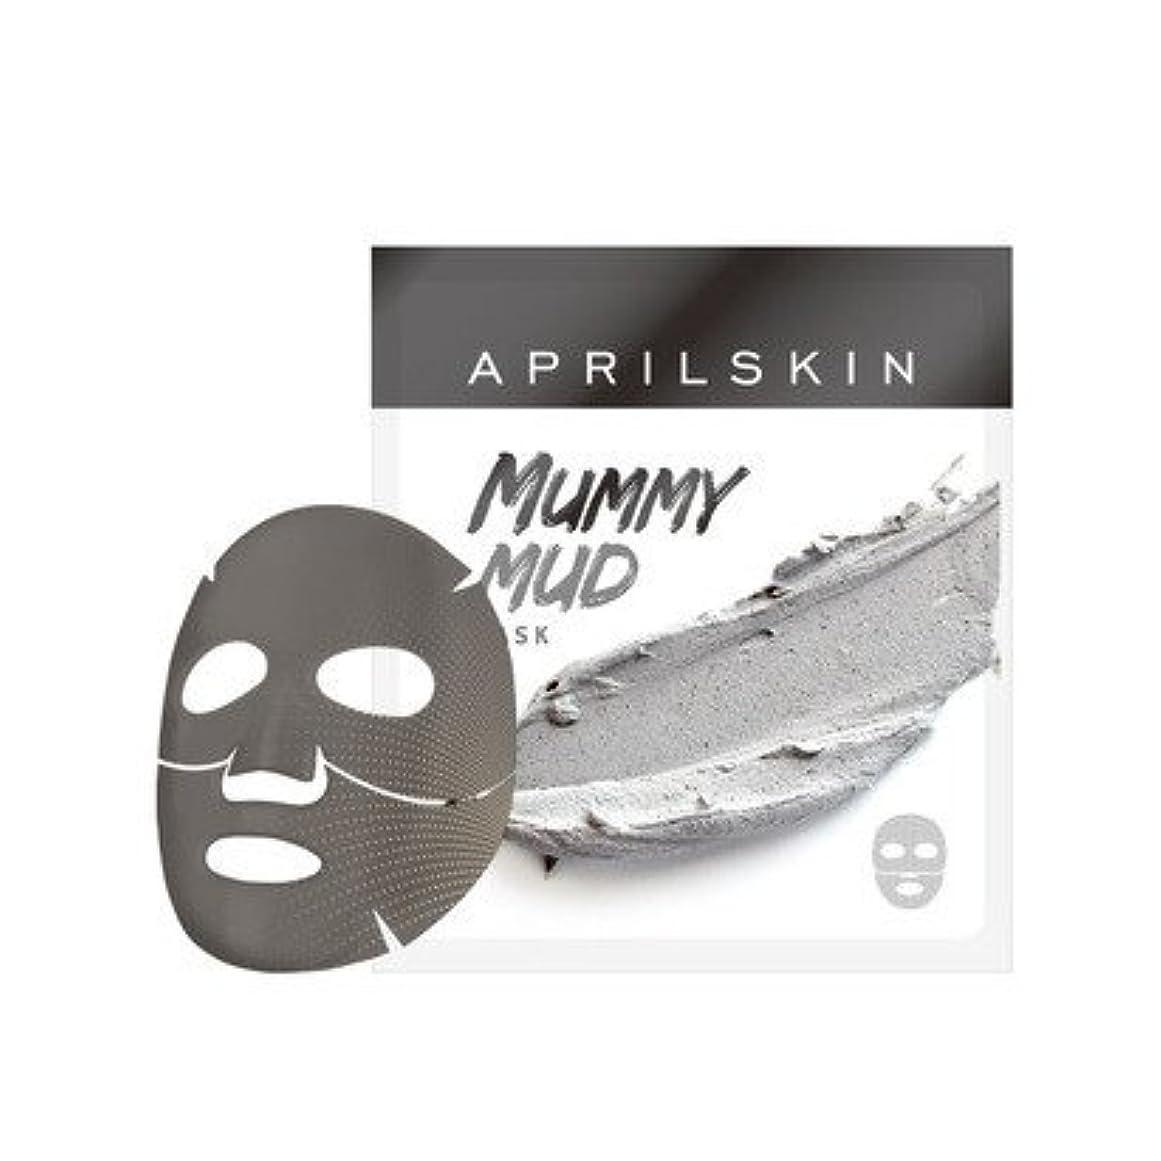 め言葉固執治安判事APRILSKIN MUMMY MUD MASK/エイプリルスキン ミイラ泥マスク 1枚 [並行輸入品]